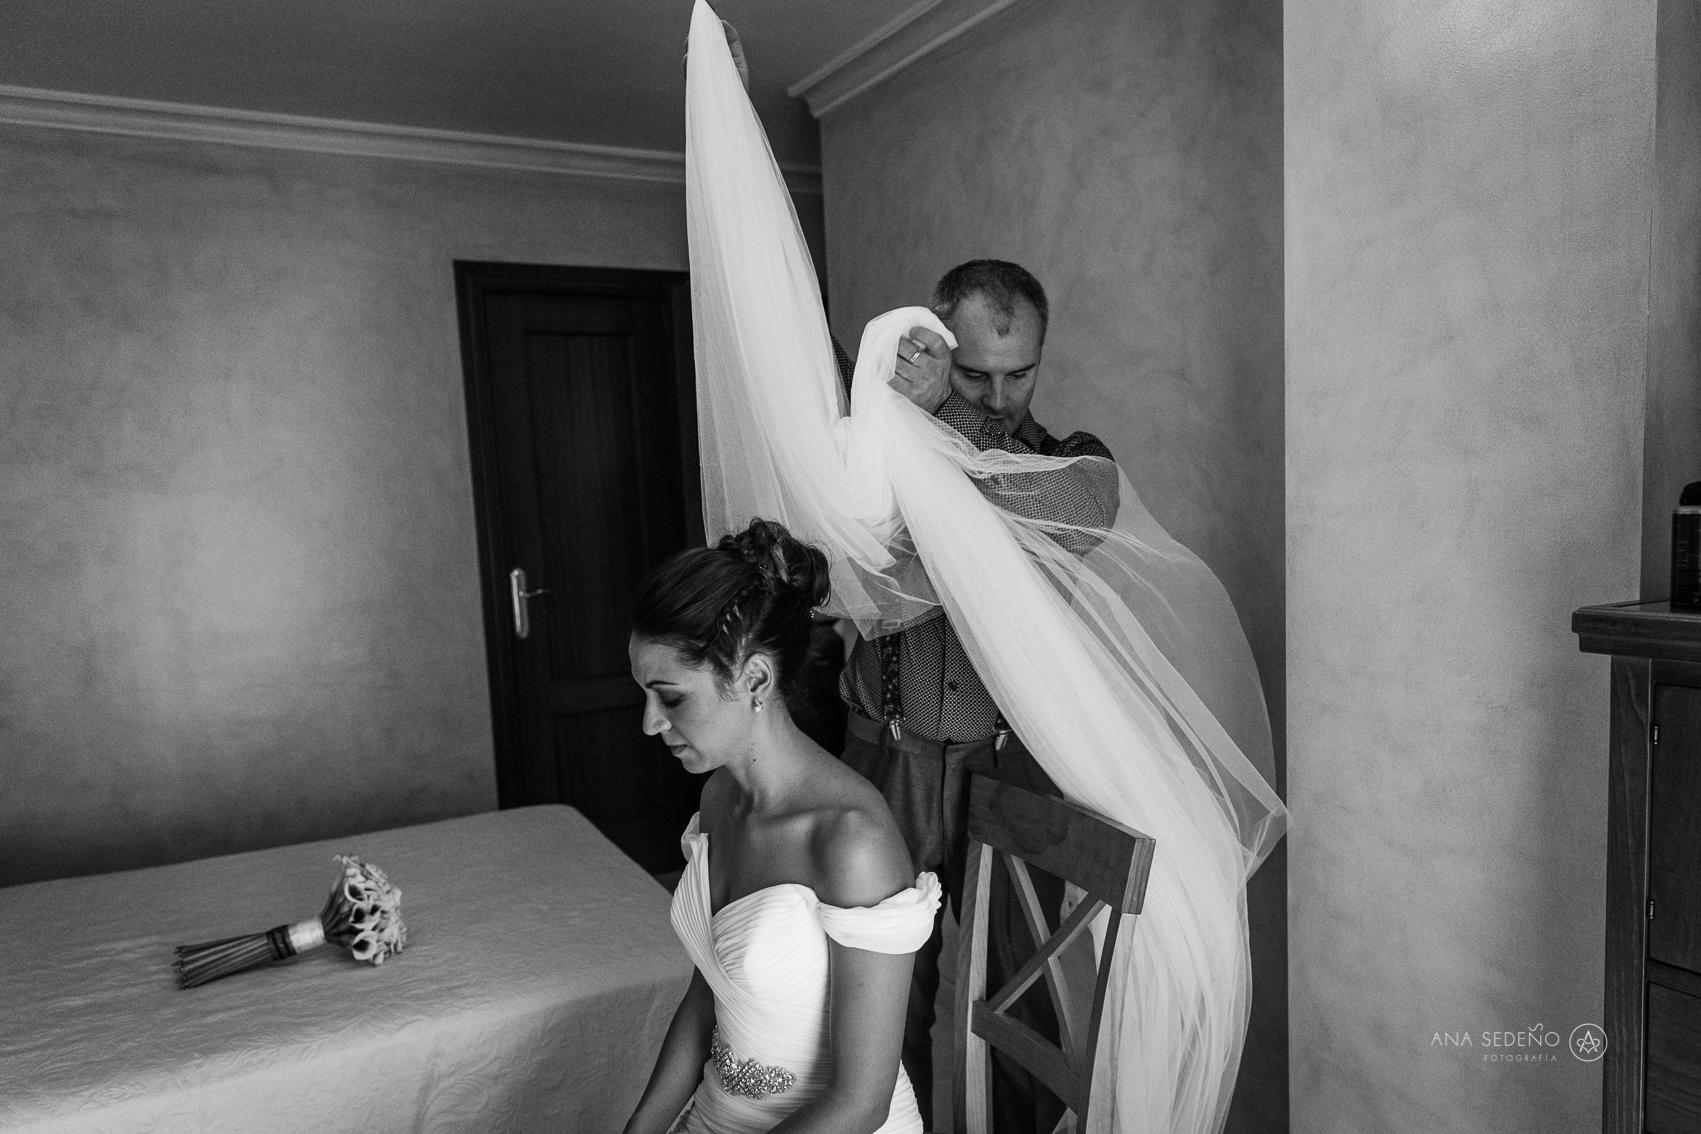 Ana Sedeño Fotografa.-045